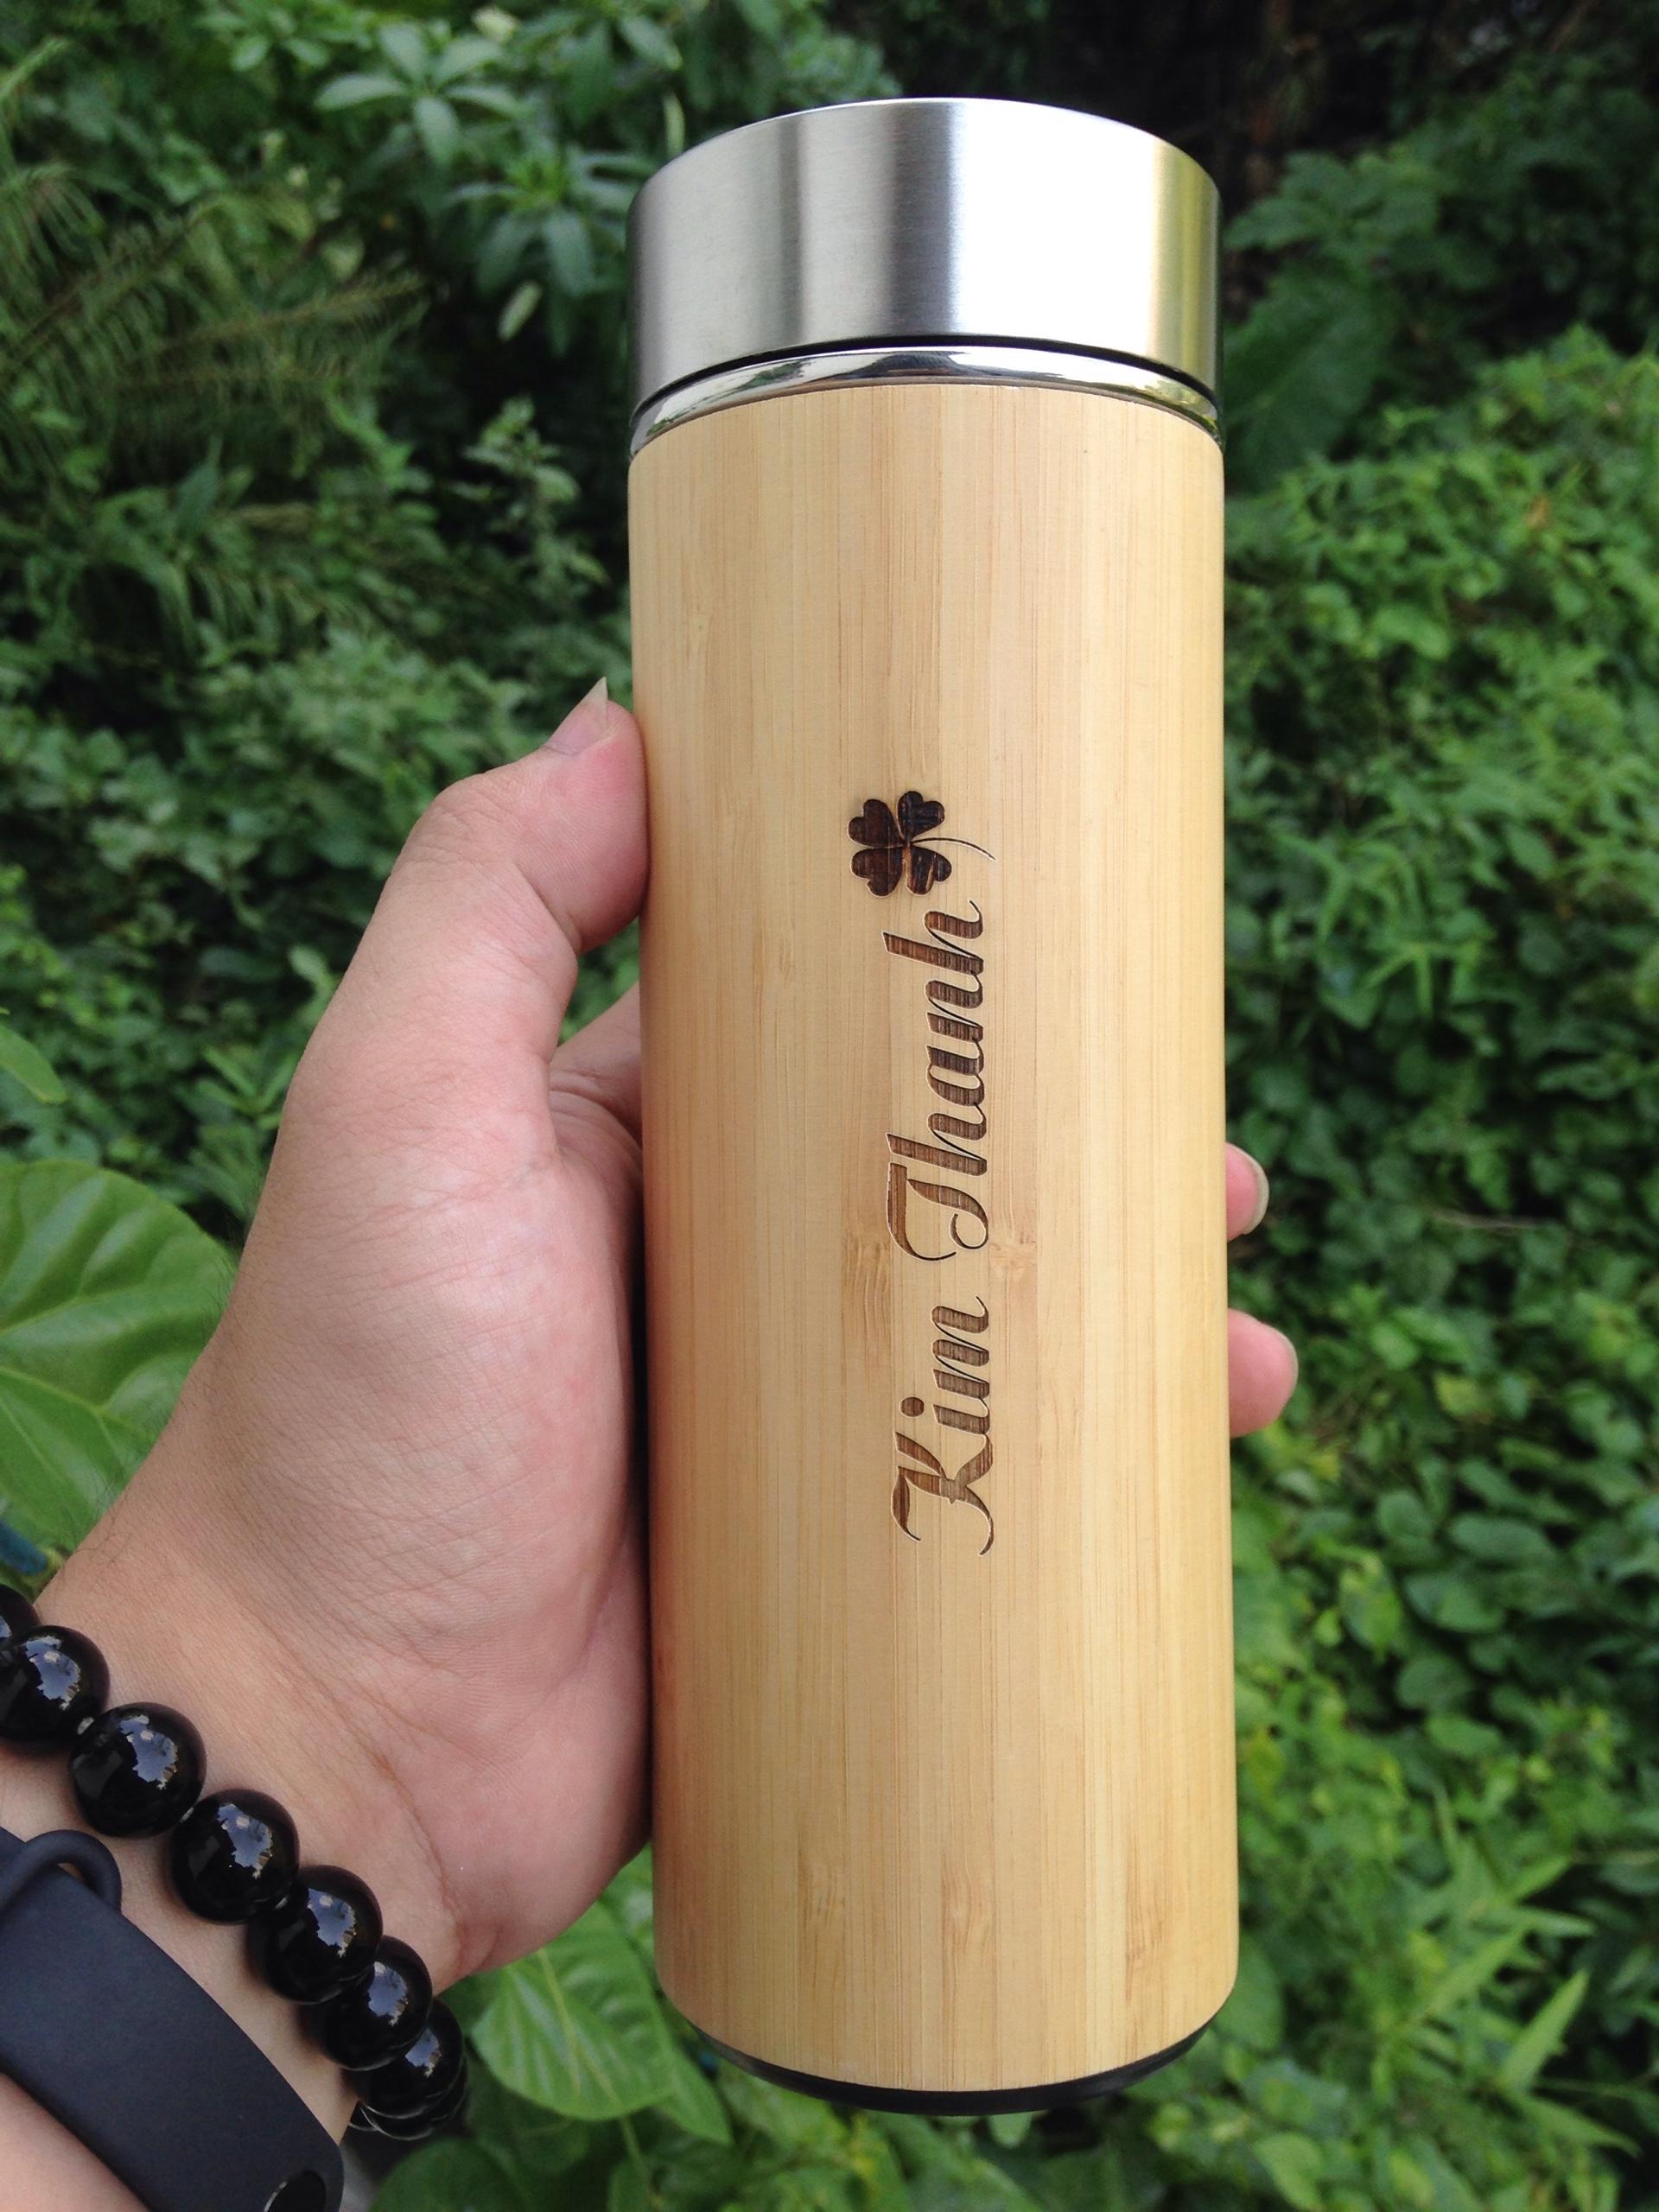 Bình Giữ Nhiệt vỏ tre Bamboo Lock + TẶNG KÈM TÚI ĐAN TIỆN DỤNG ...